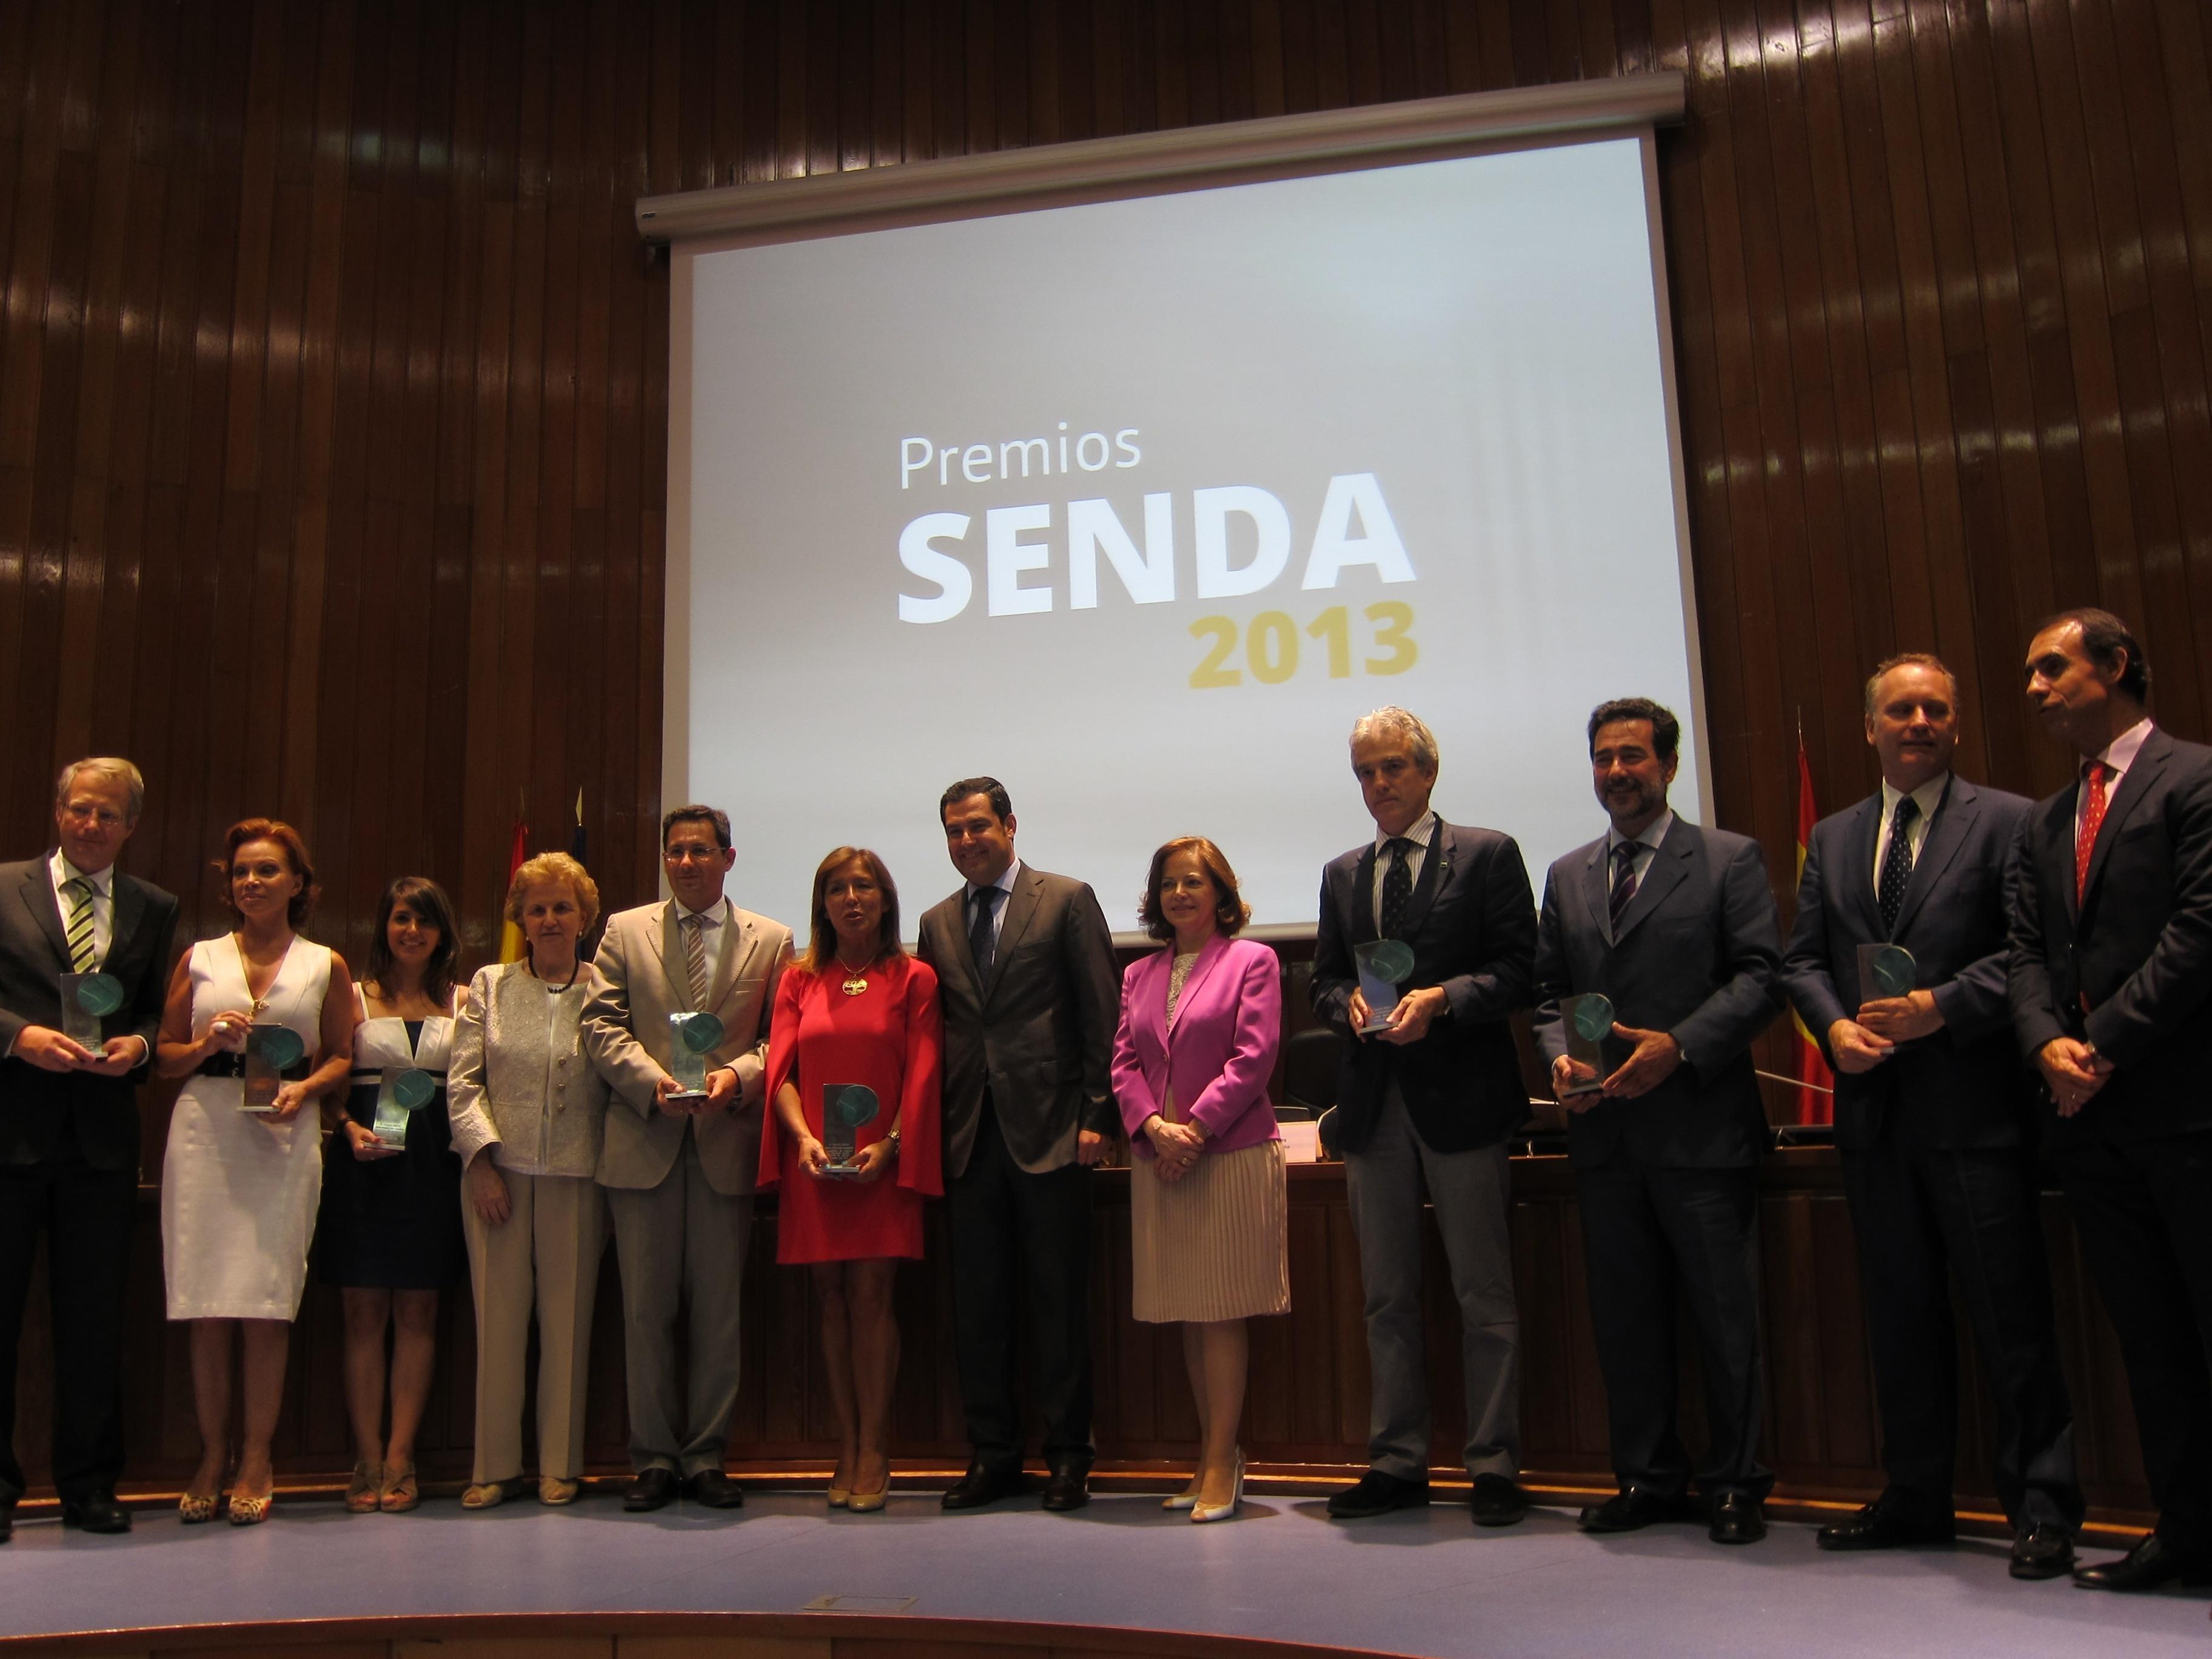 El Grupo Senda entrega los premios de Honor y Senior del Año al Padre Ángel y a Paloma San Basilio por su trayectoria